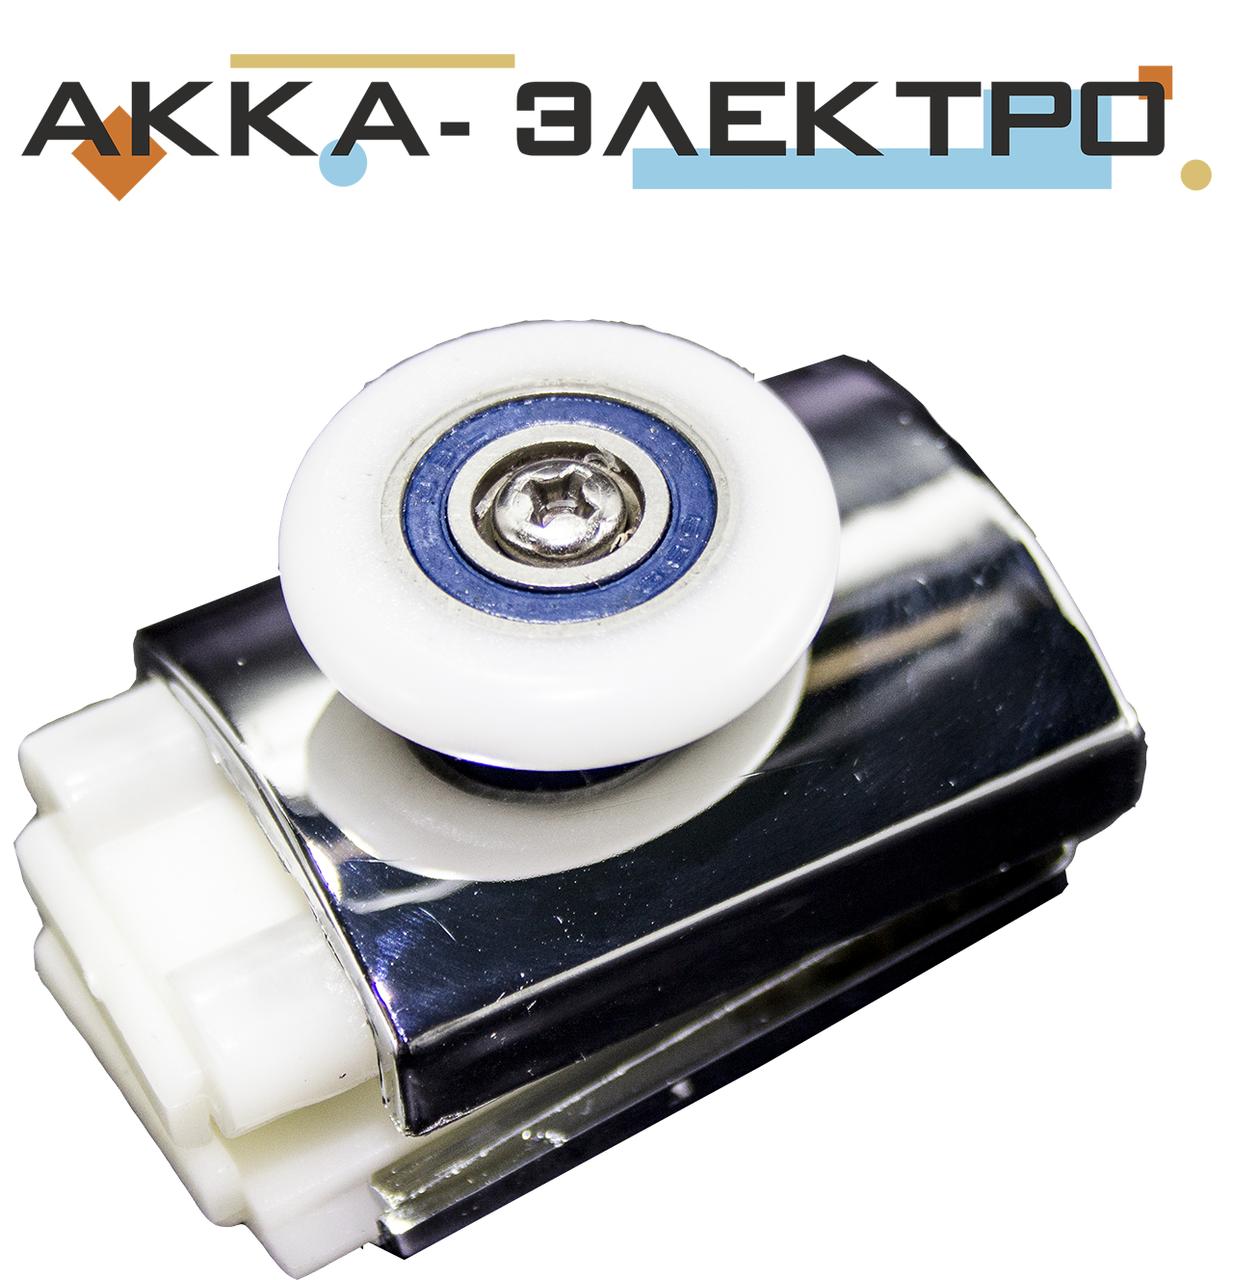 Ролик душевой кабины хромированный, одинарный, нажимной ( М01A )  19 мм